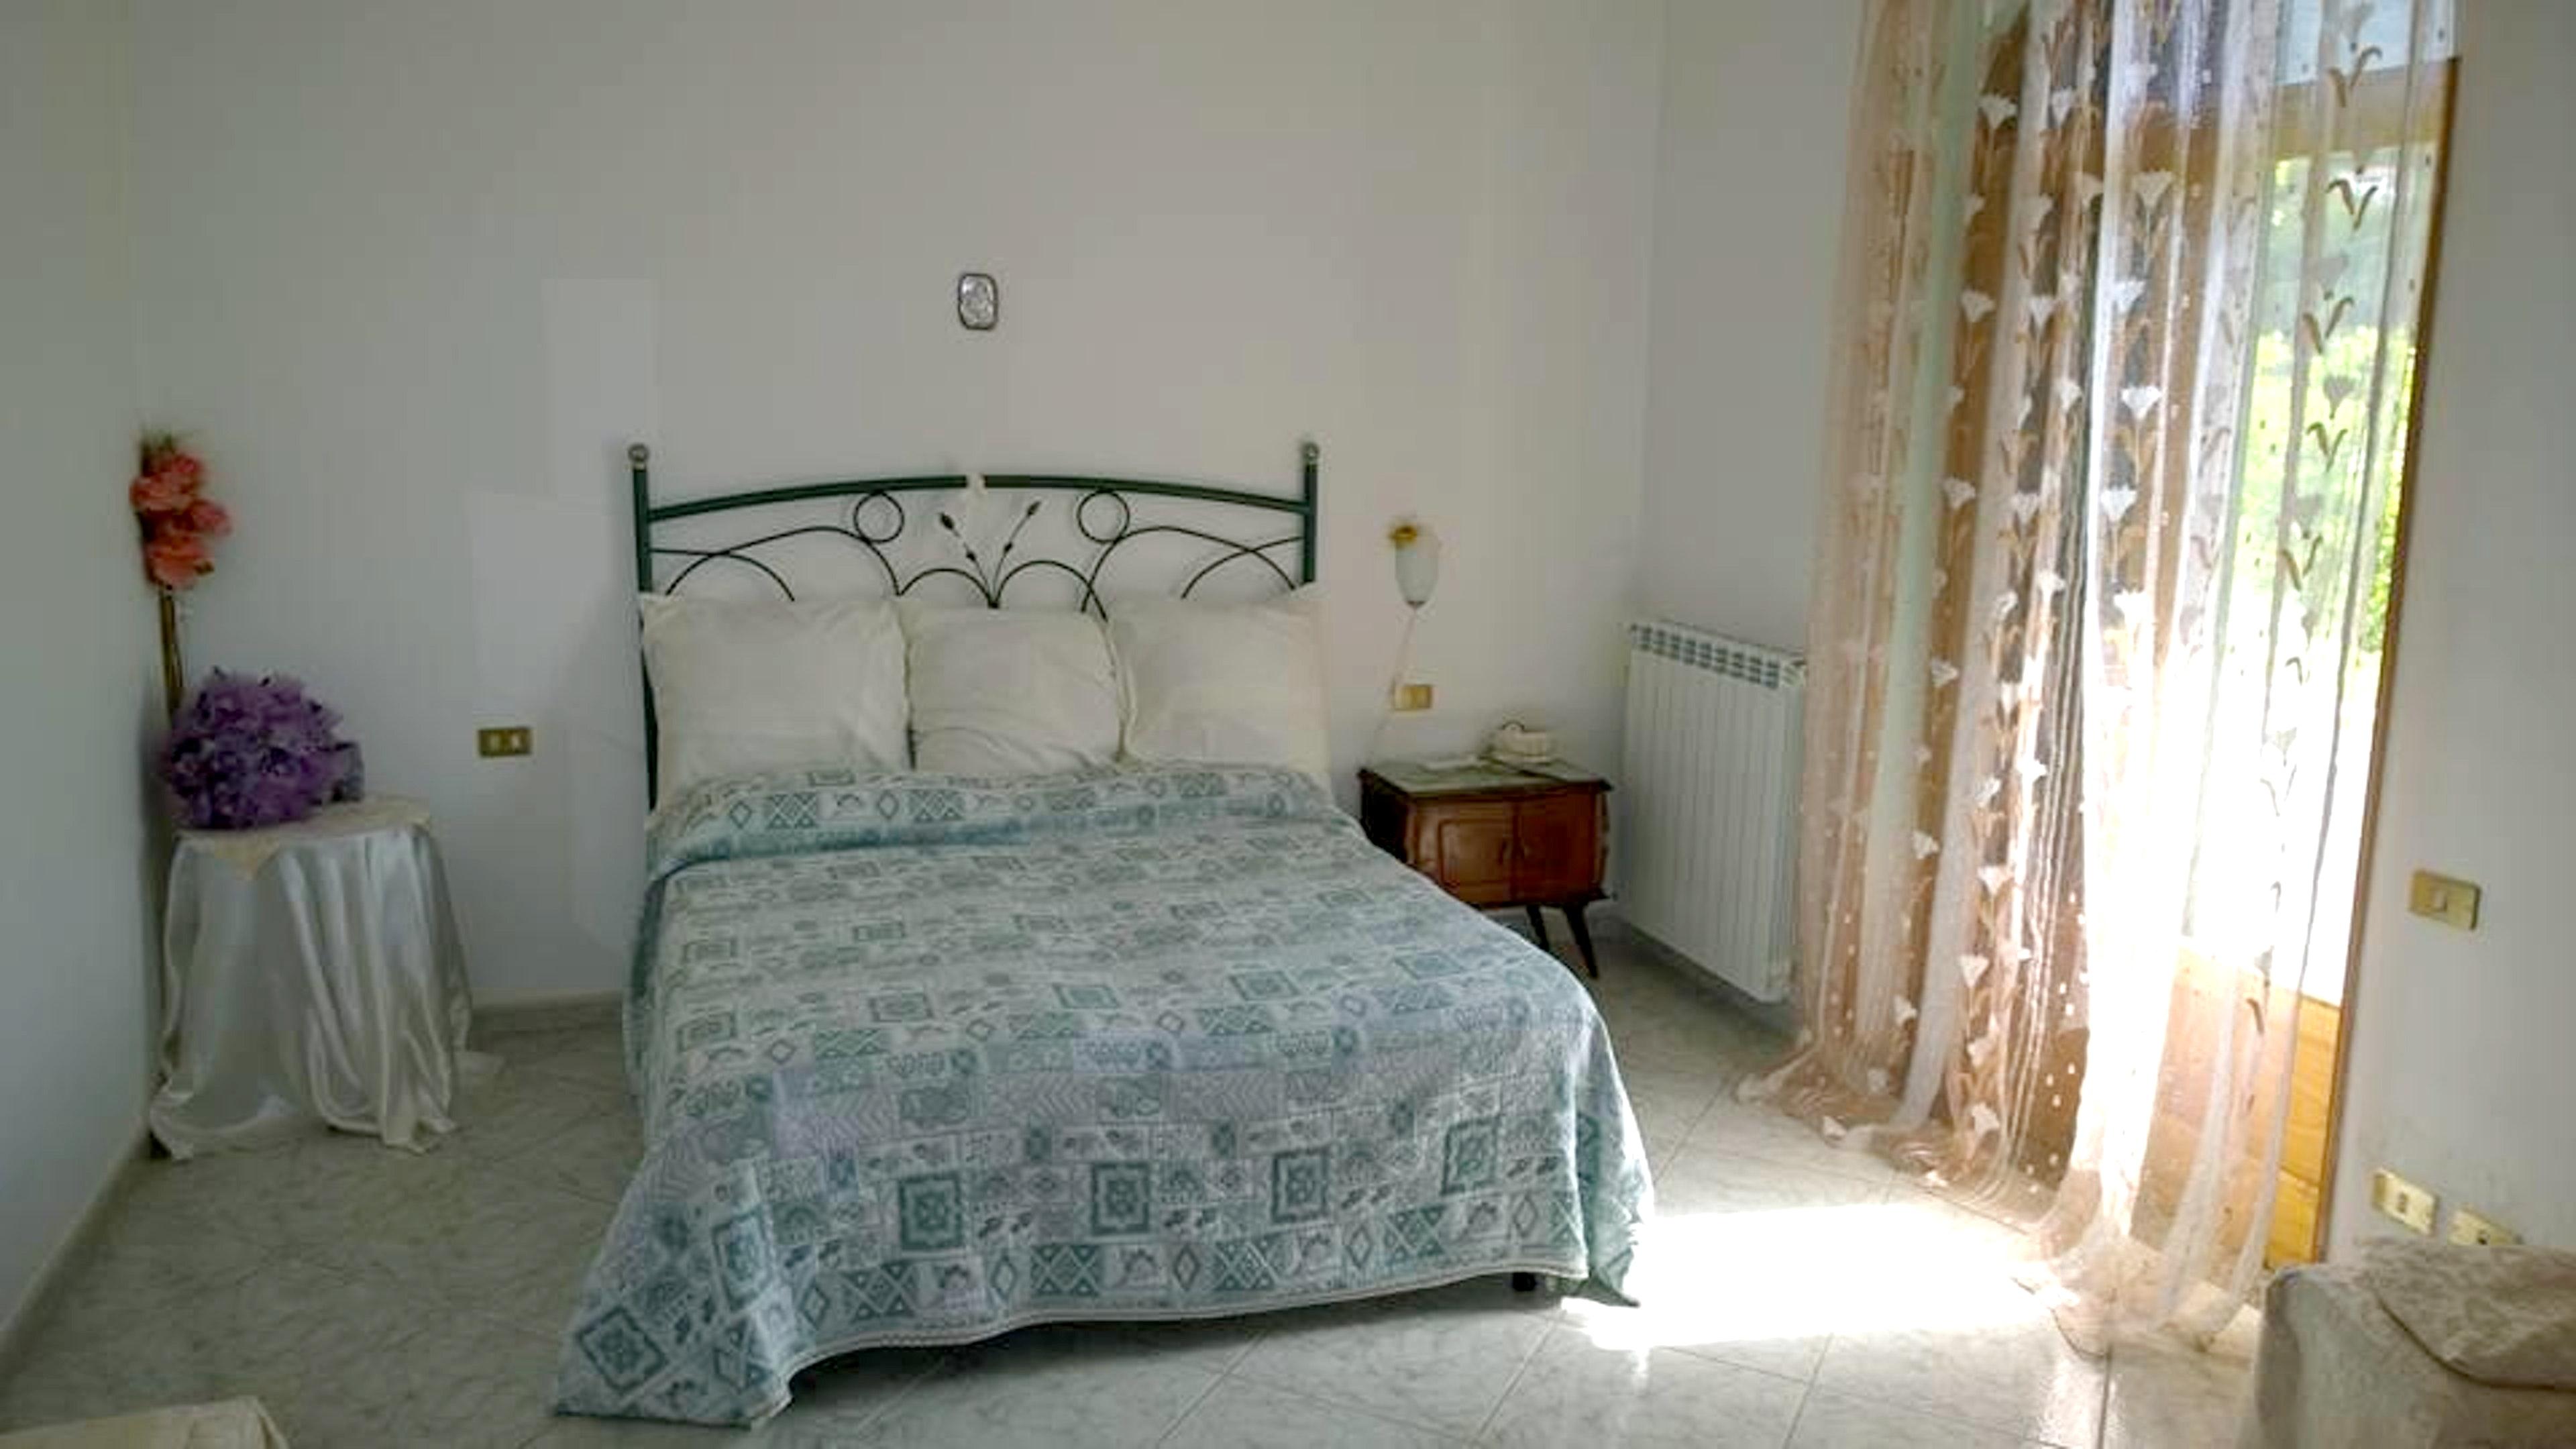 Ferienhaus Haus mit 3 Schlafzimmern in Tramonti mit toller Aussicht auf die Berge, eingezäuntem Garte (2591647), Tramonti, Salerno, Kampanien, Italien, Bild 6